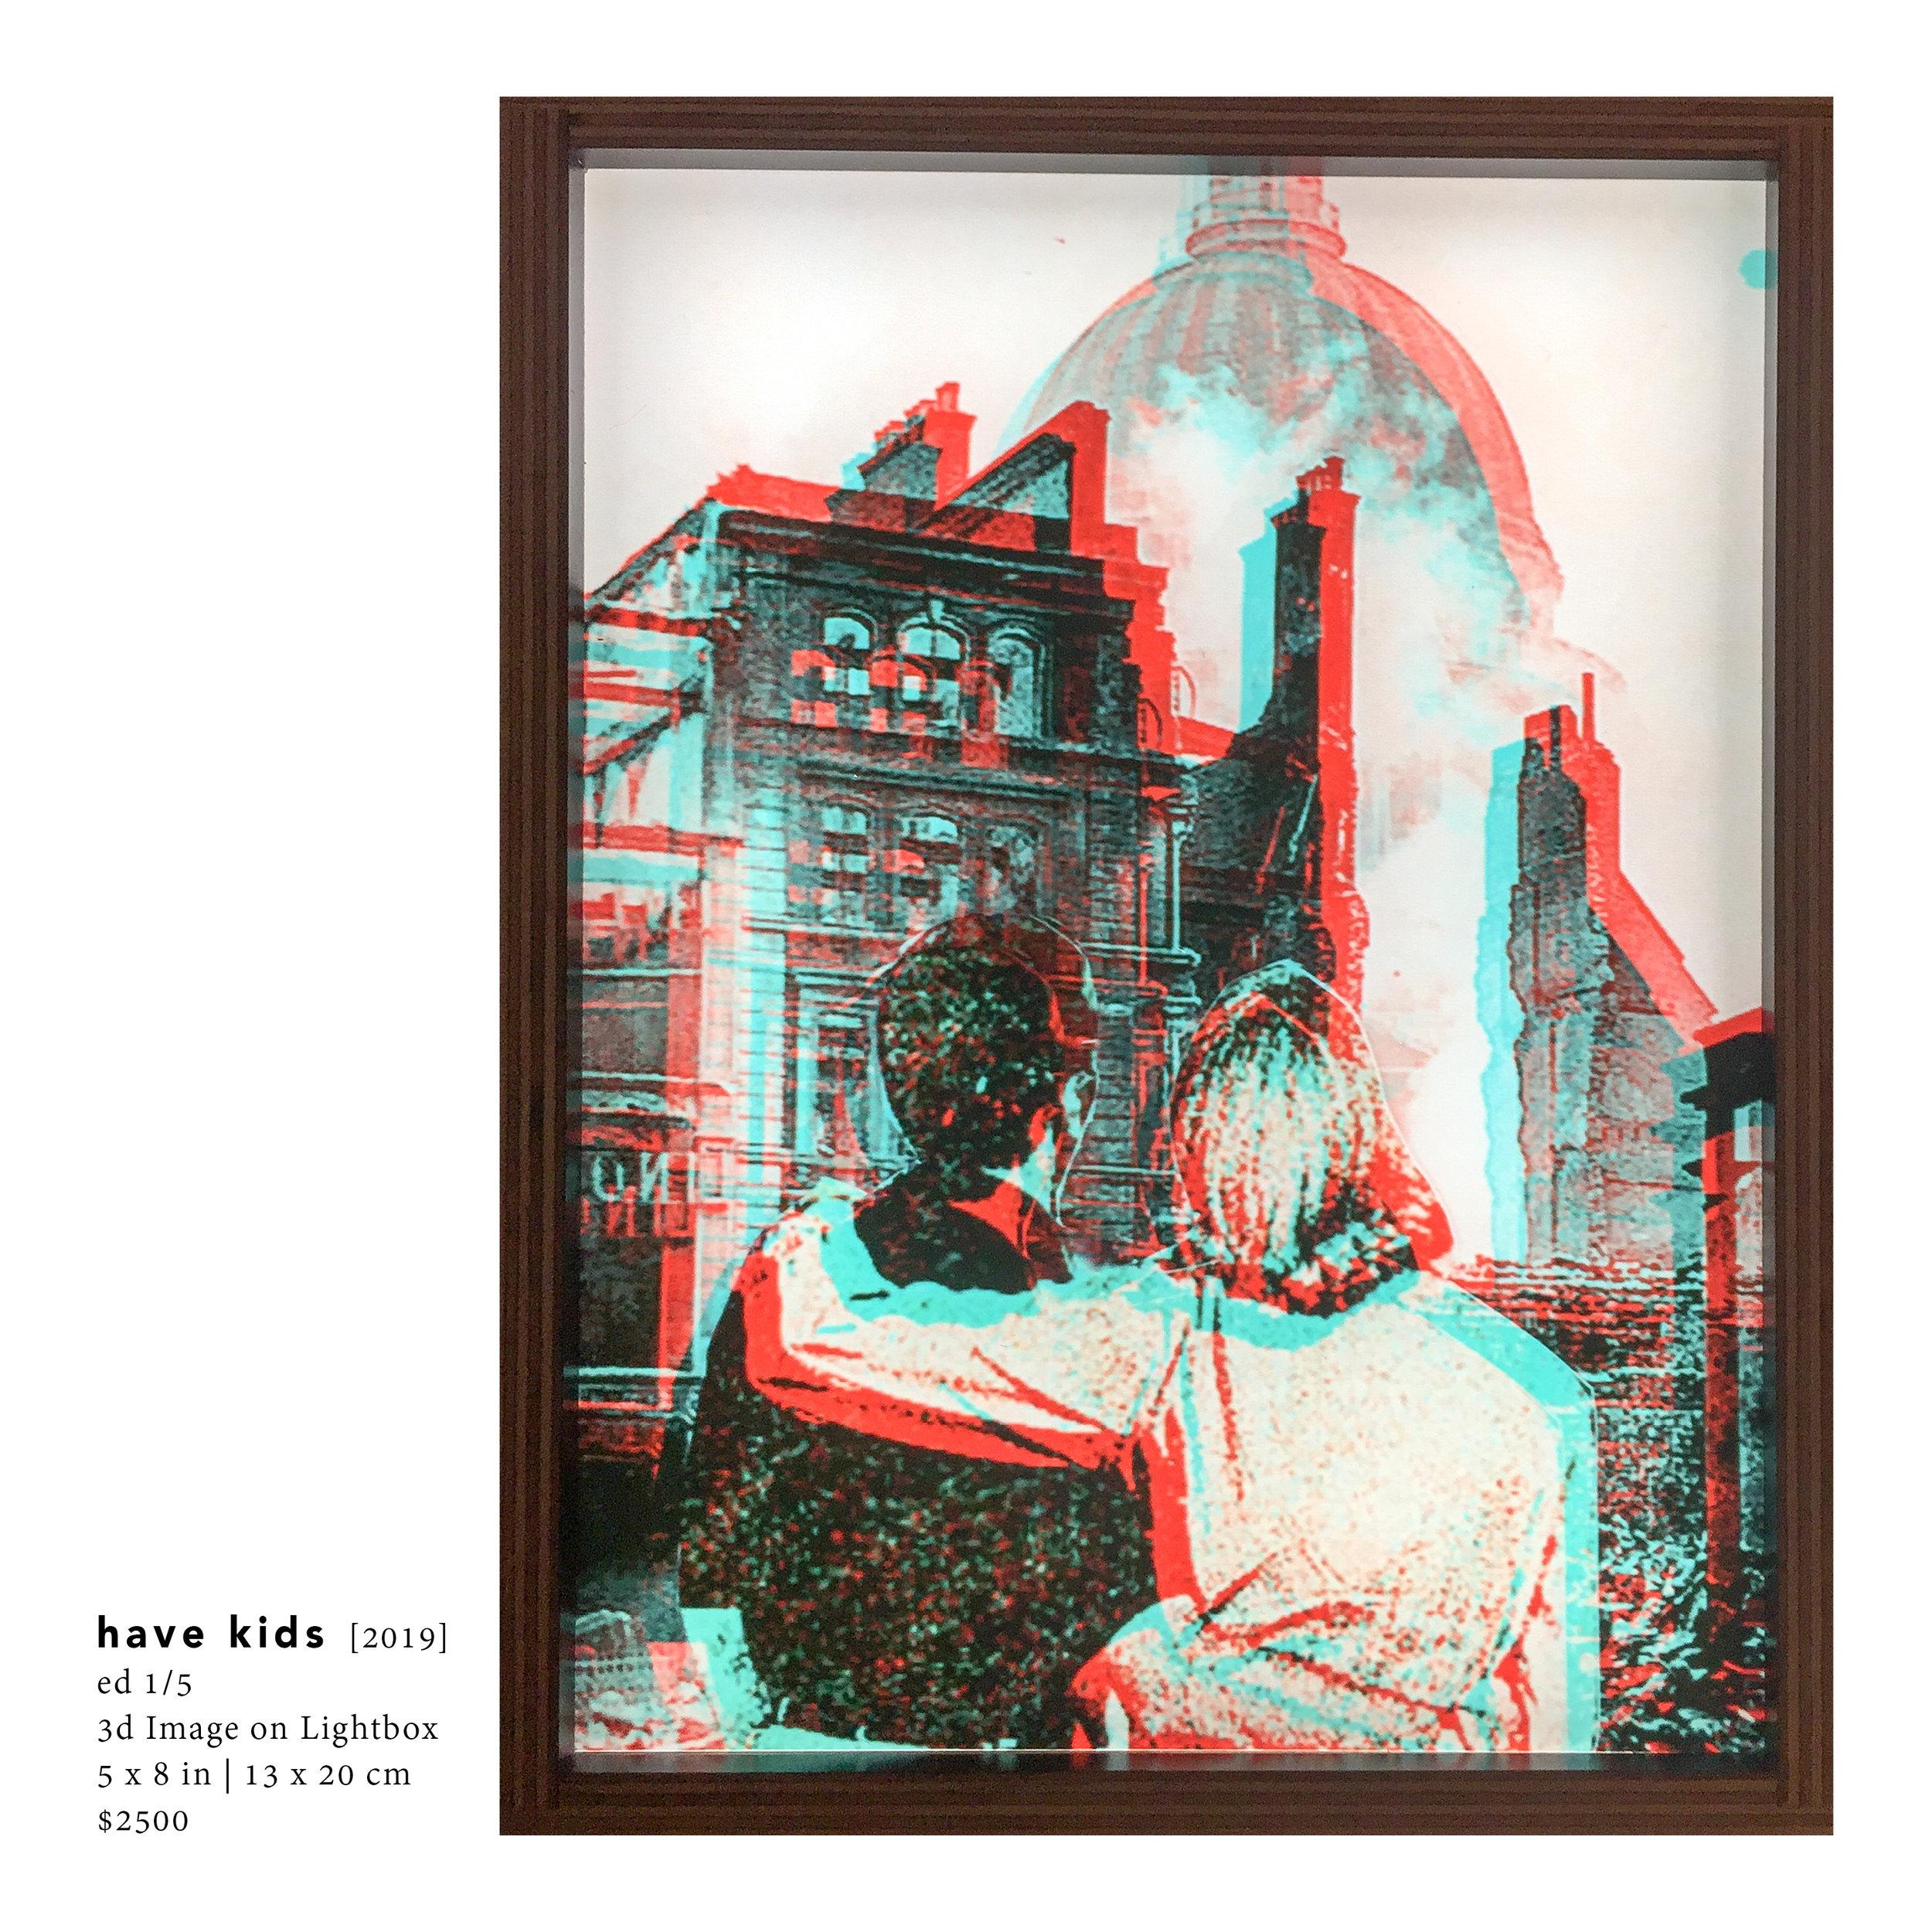 Faena-Inventory-HEYDT-March2019137.jpg